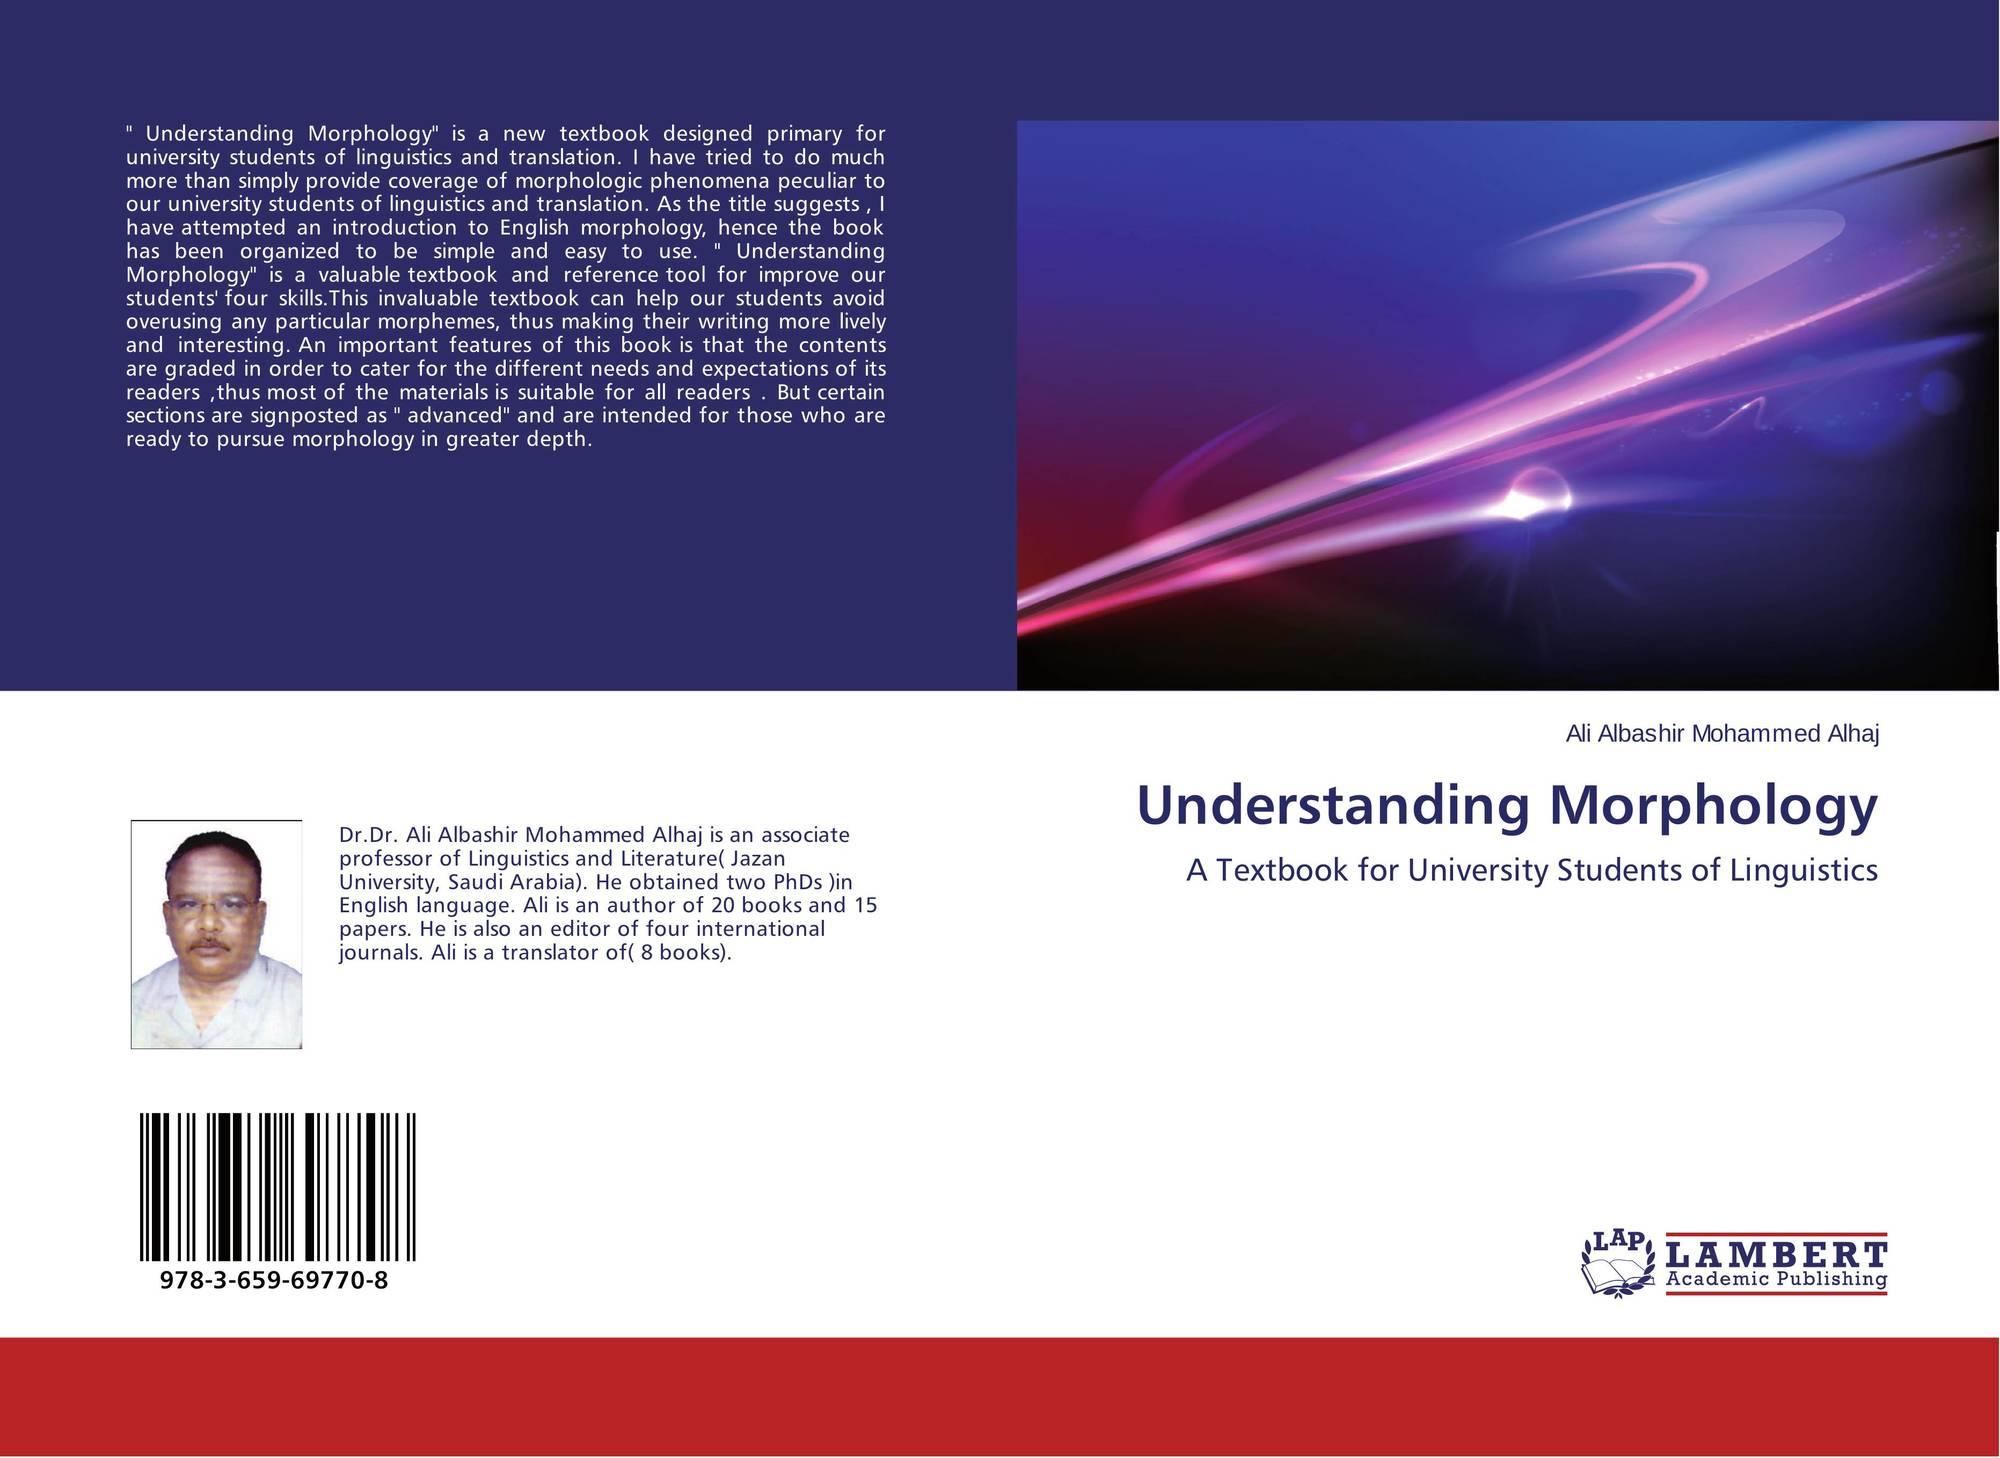 understanding morphology Understanding morphology | martin haspelmath | isbn: 9780340760260 |  kostenloser versand für alle bücher mit versand und verkauf duch amazon.